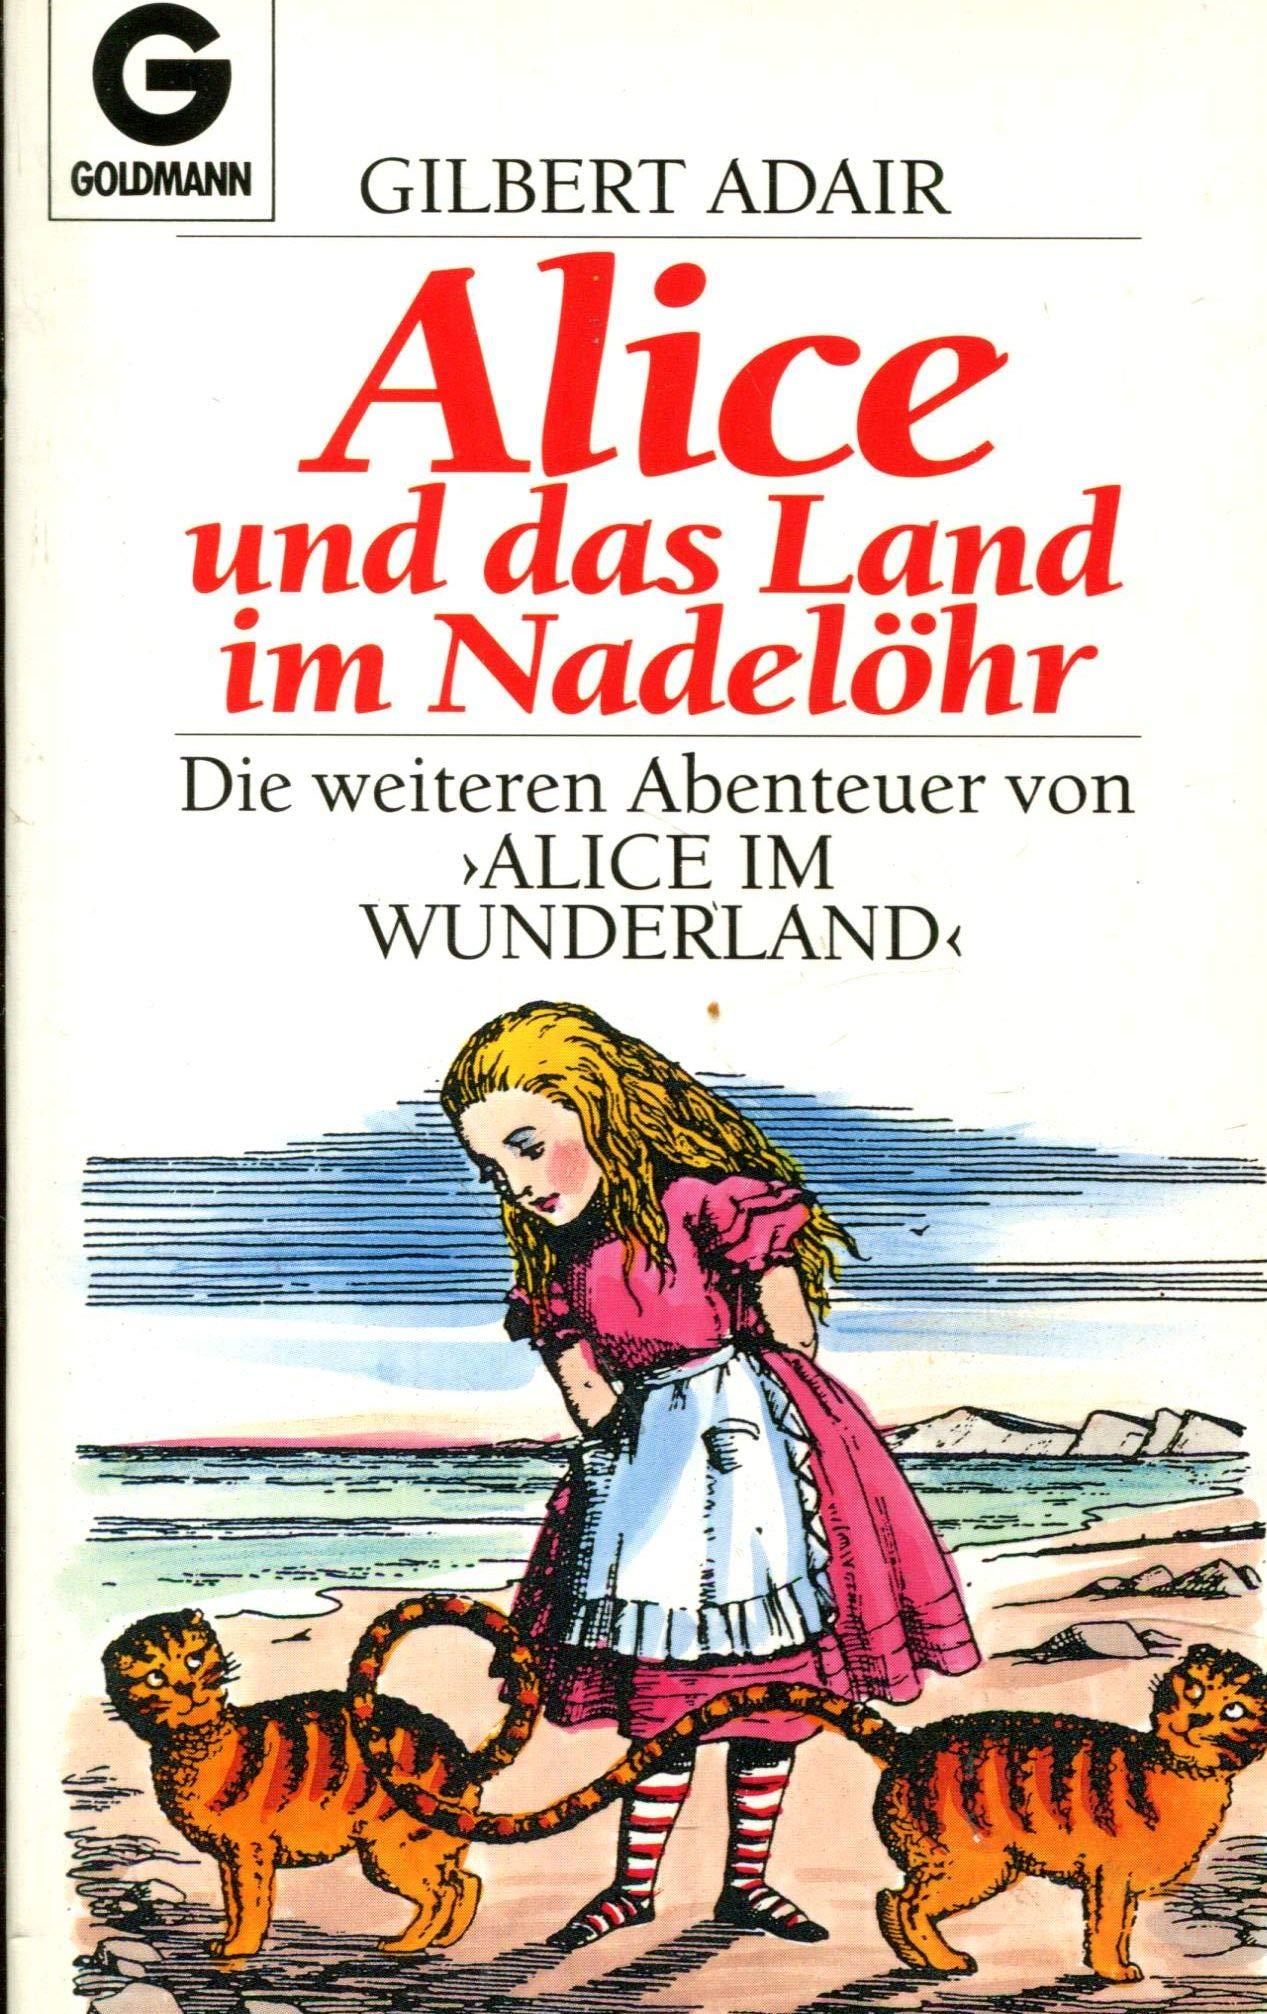 Gilbert Adair - Alice und das Land im Nadelöhr